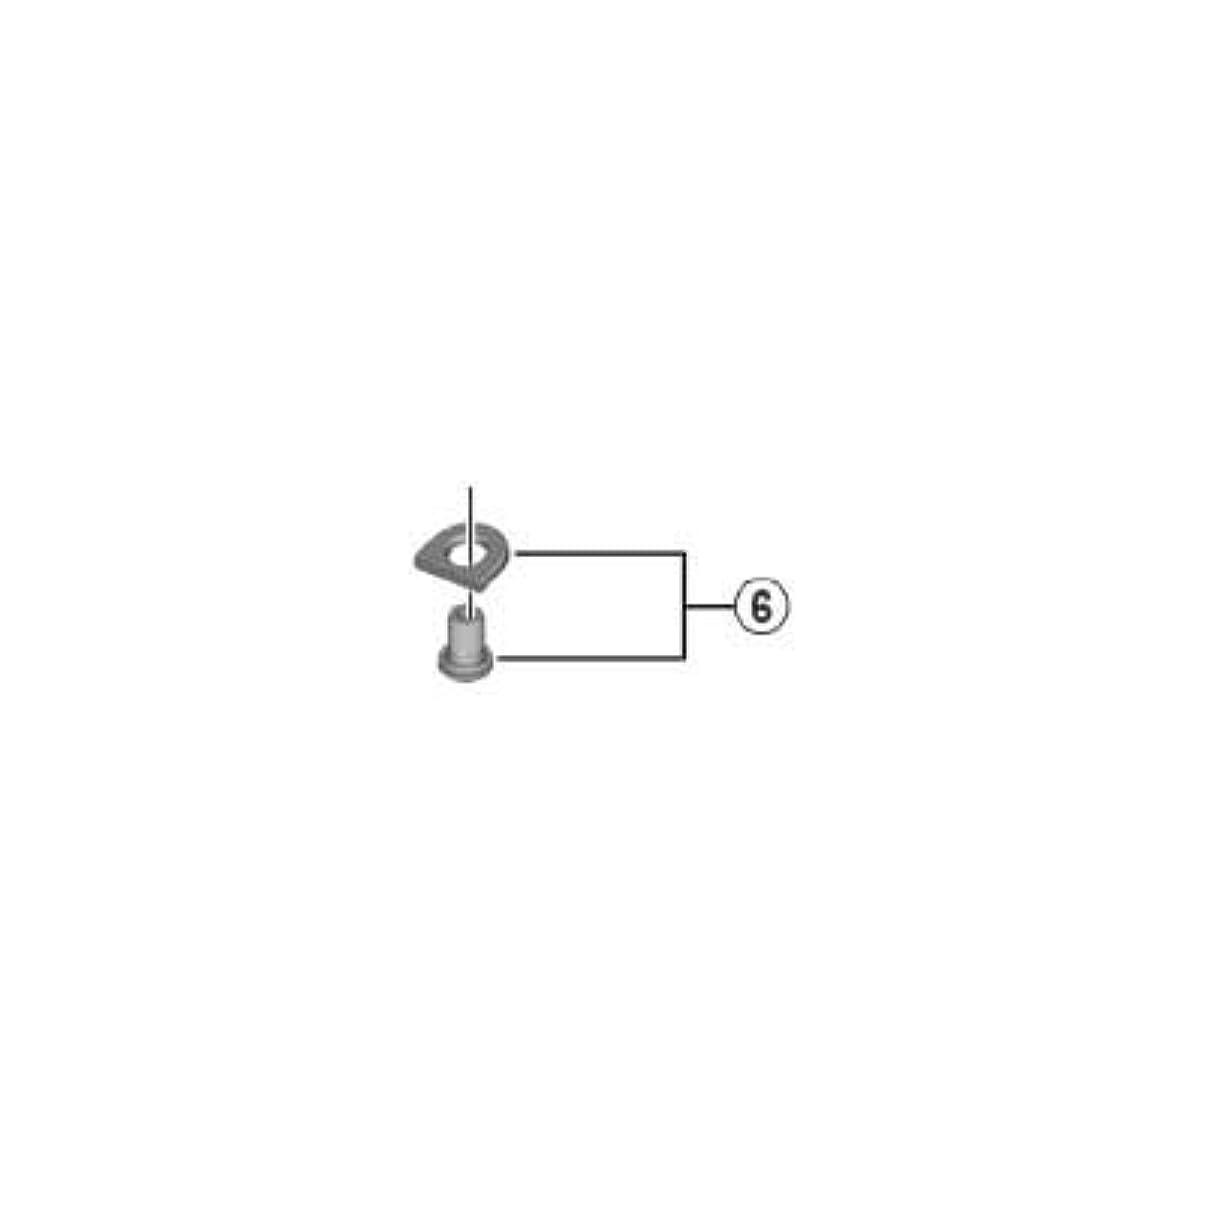 はっきりしない飲み込む作成するシマノ [6]RD-R8000ケーブルコテイBT/PLT Y3E998050